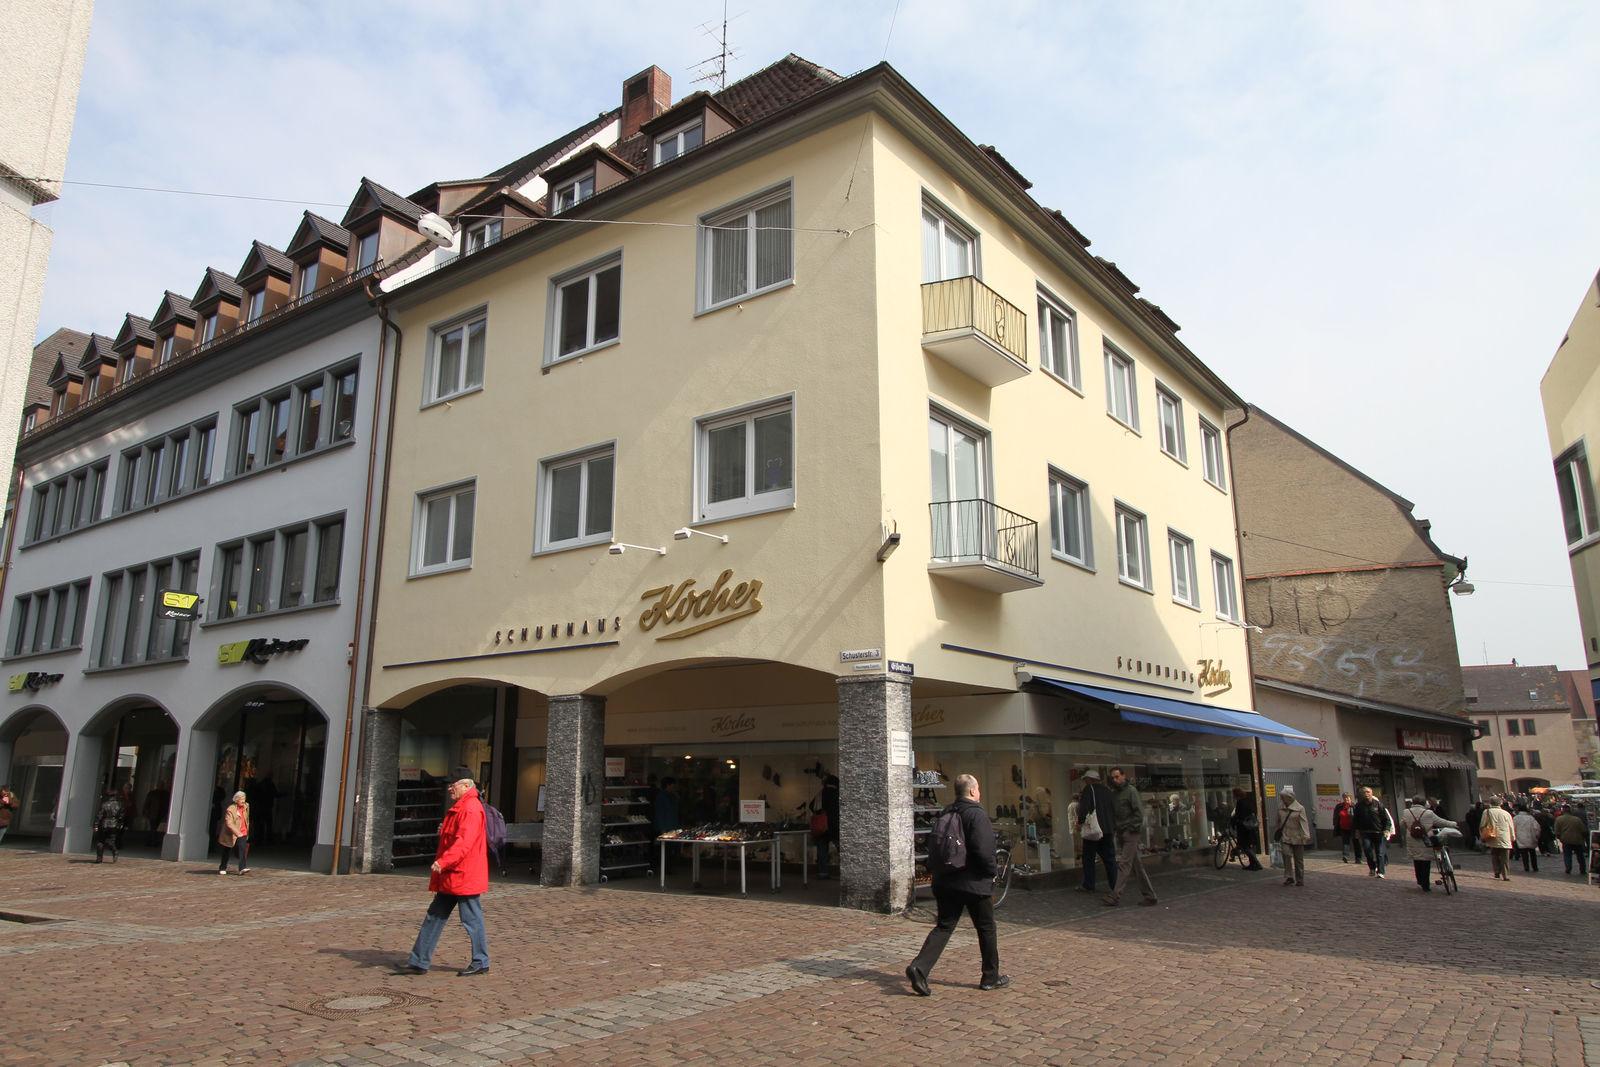 Schuhhaus Kocher in Freiburg im Breisgau (Bild 2)